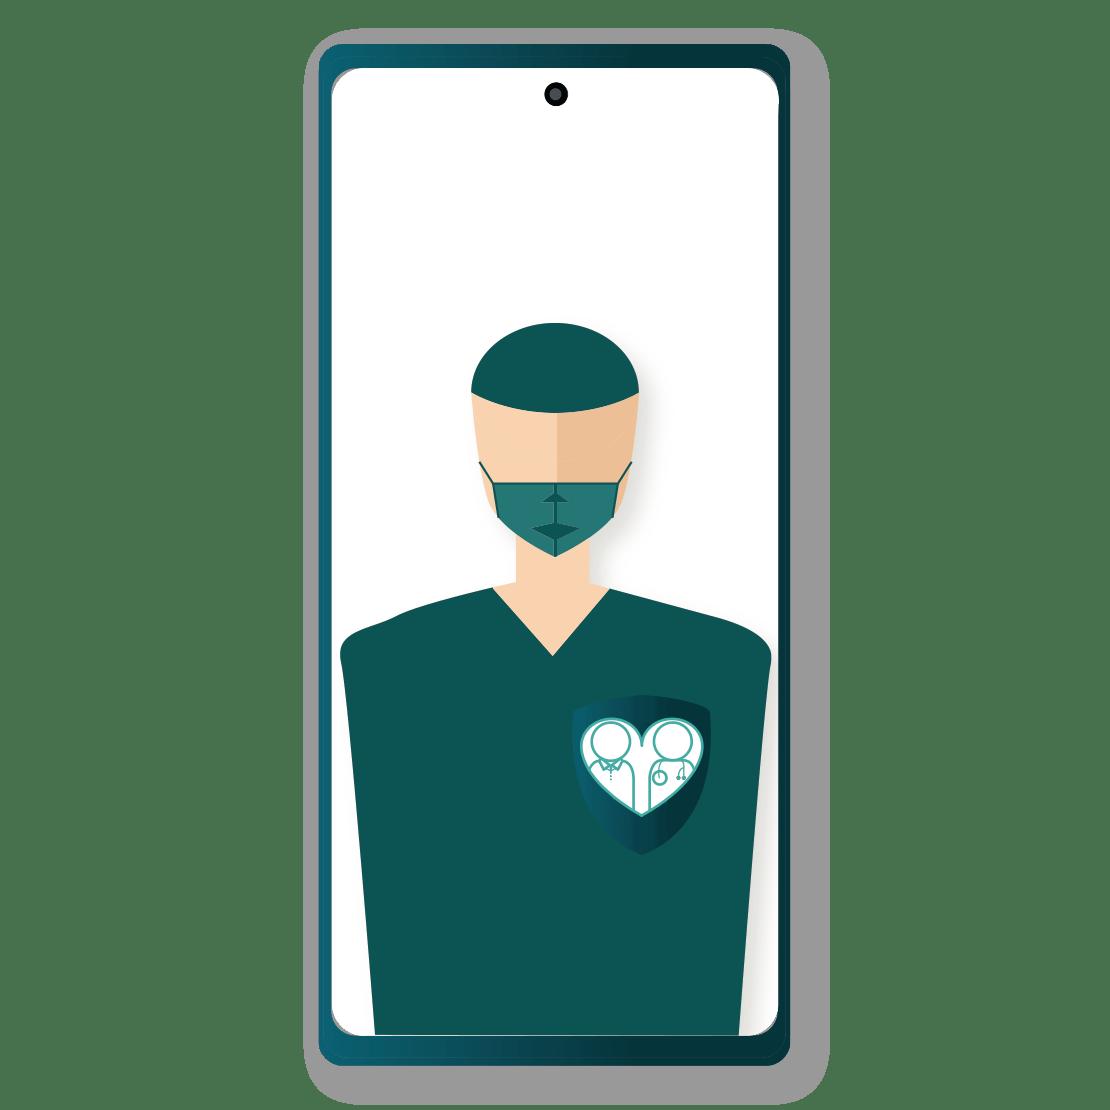 filo diretto-oralnet-dentisti-online-rete